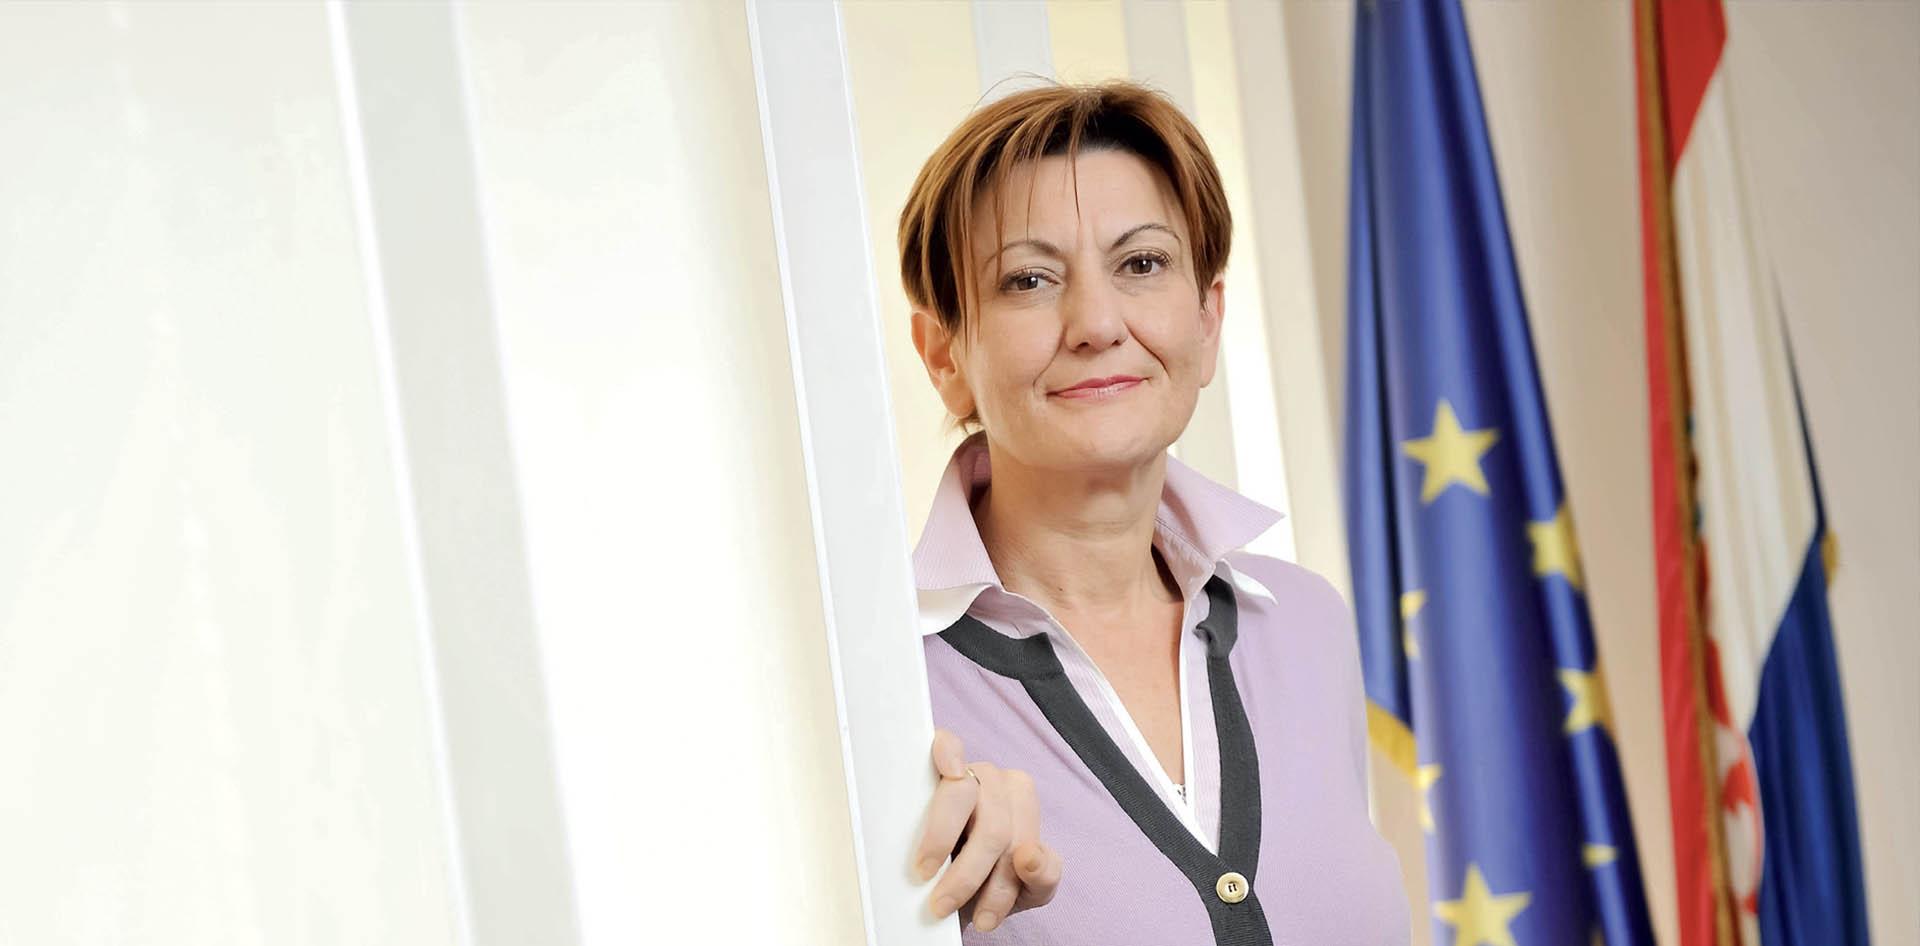 INTERVJU Martina Dalić: 'NEĆE USPJETI pokušaji interesnih skupina da napadom na mene destabiliziraju Vladu'